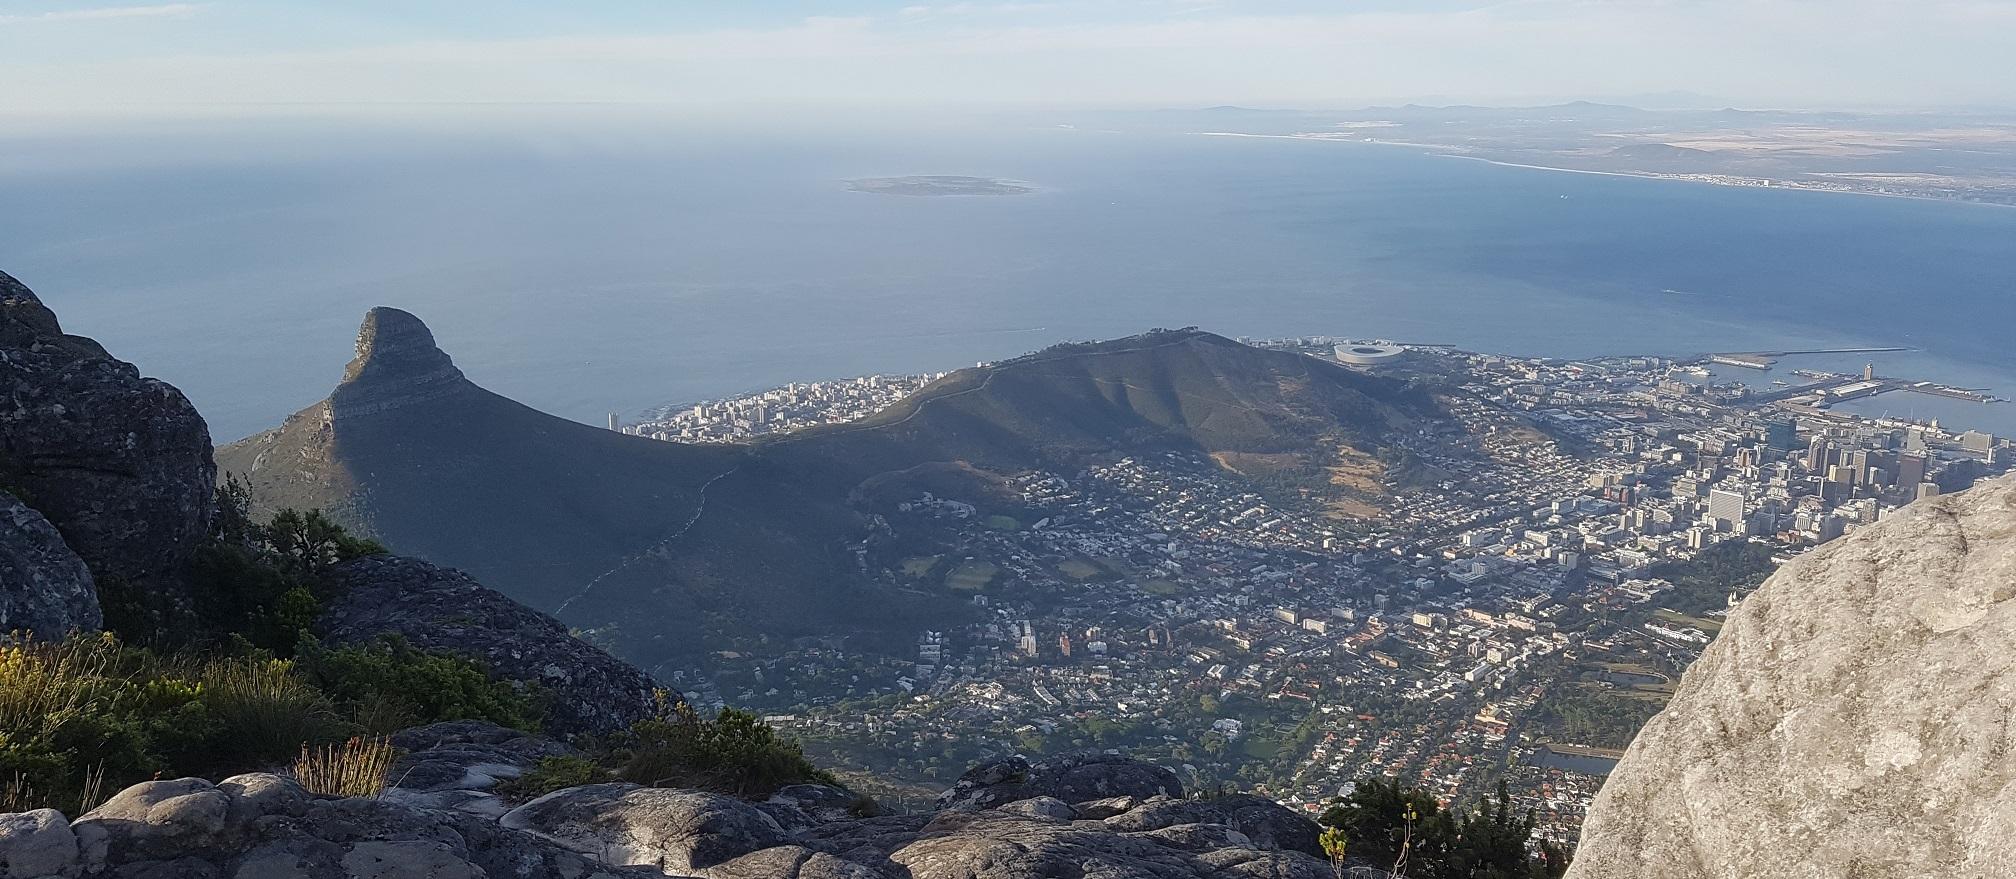 Uitzicht op Lion's Head, Kaapstad en Robbeneiland vanaf de Tafelberg